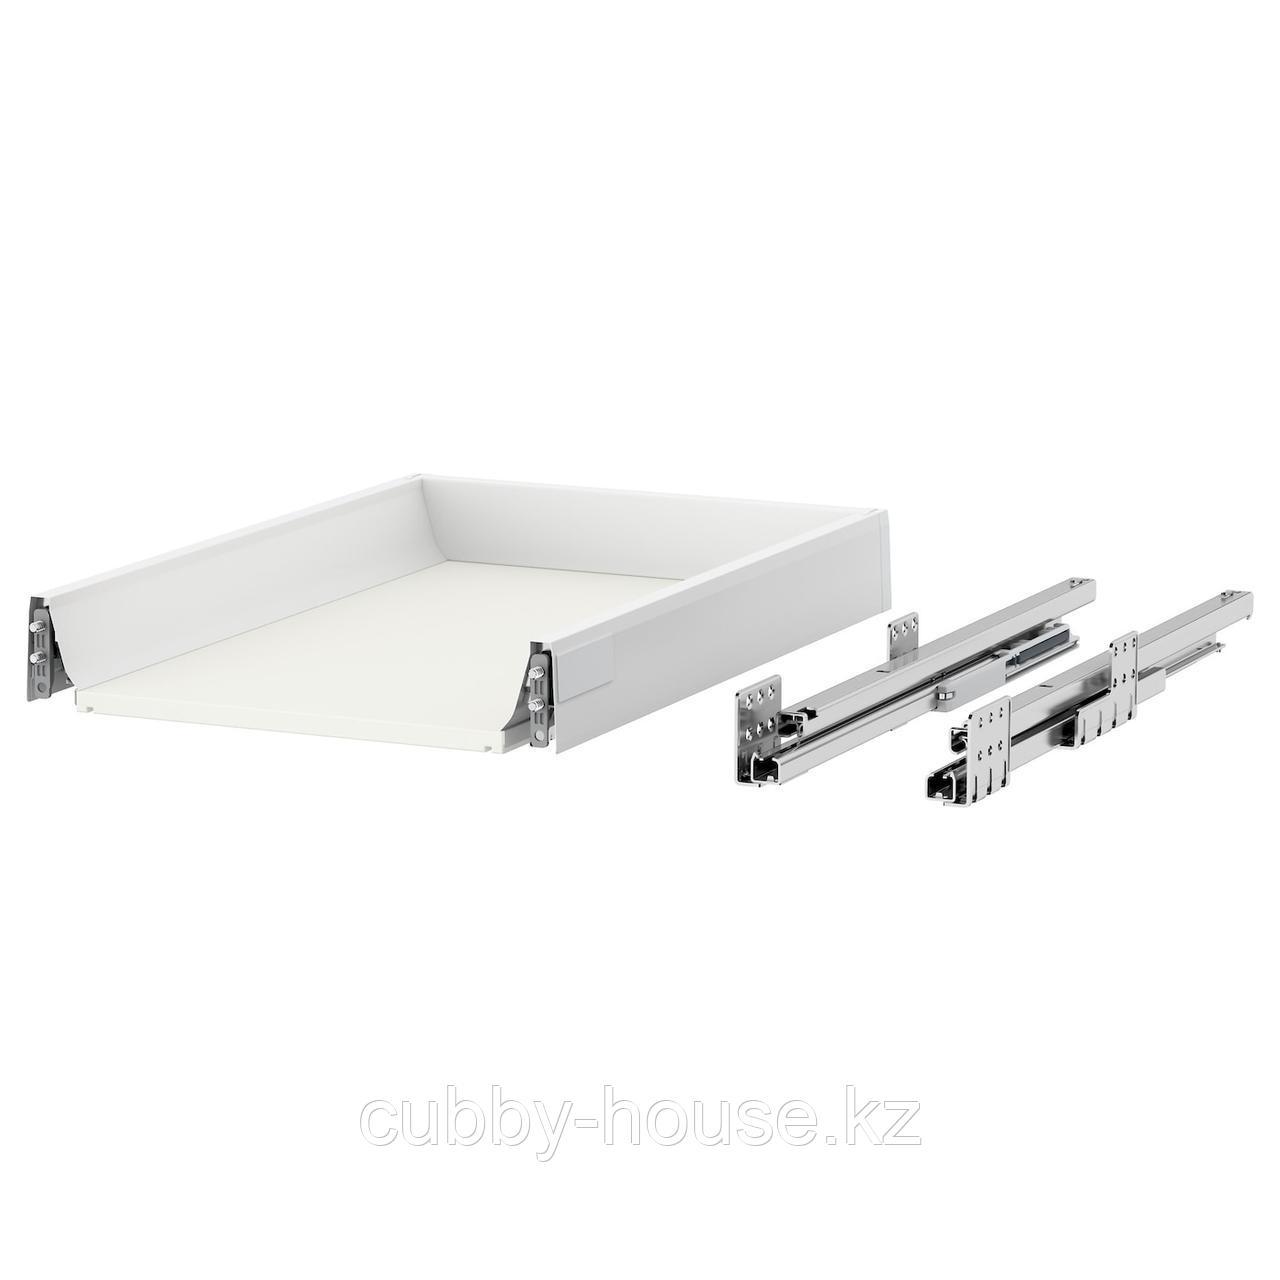 МАКСИМЕРА Ящик, низкий, белый, 40x37 см